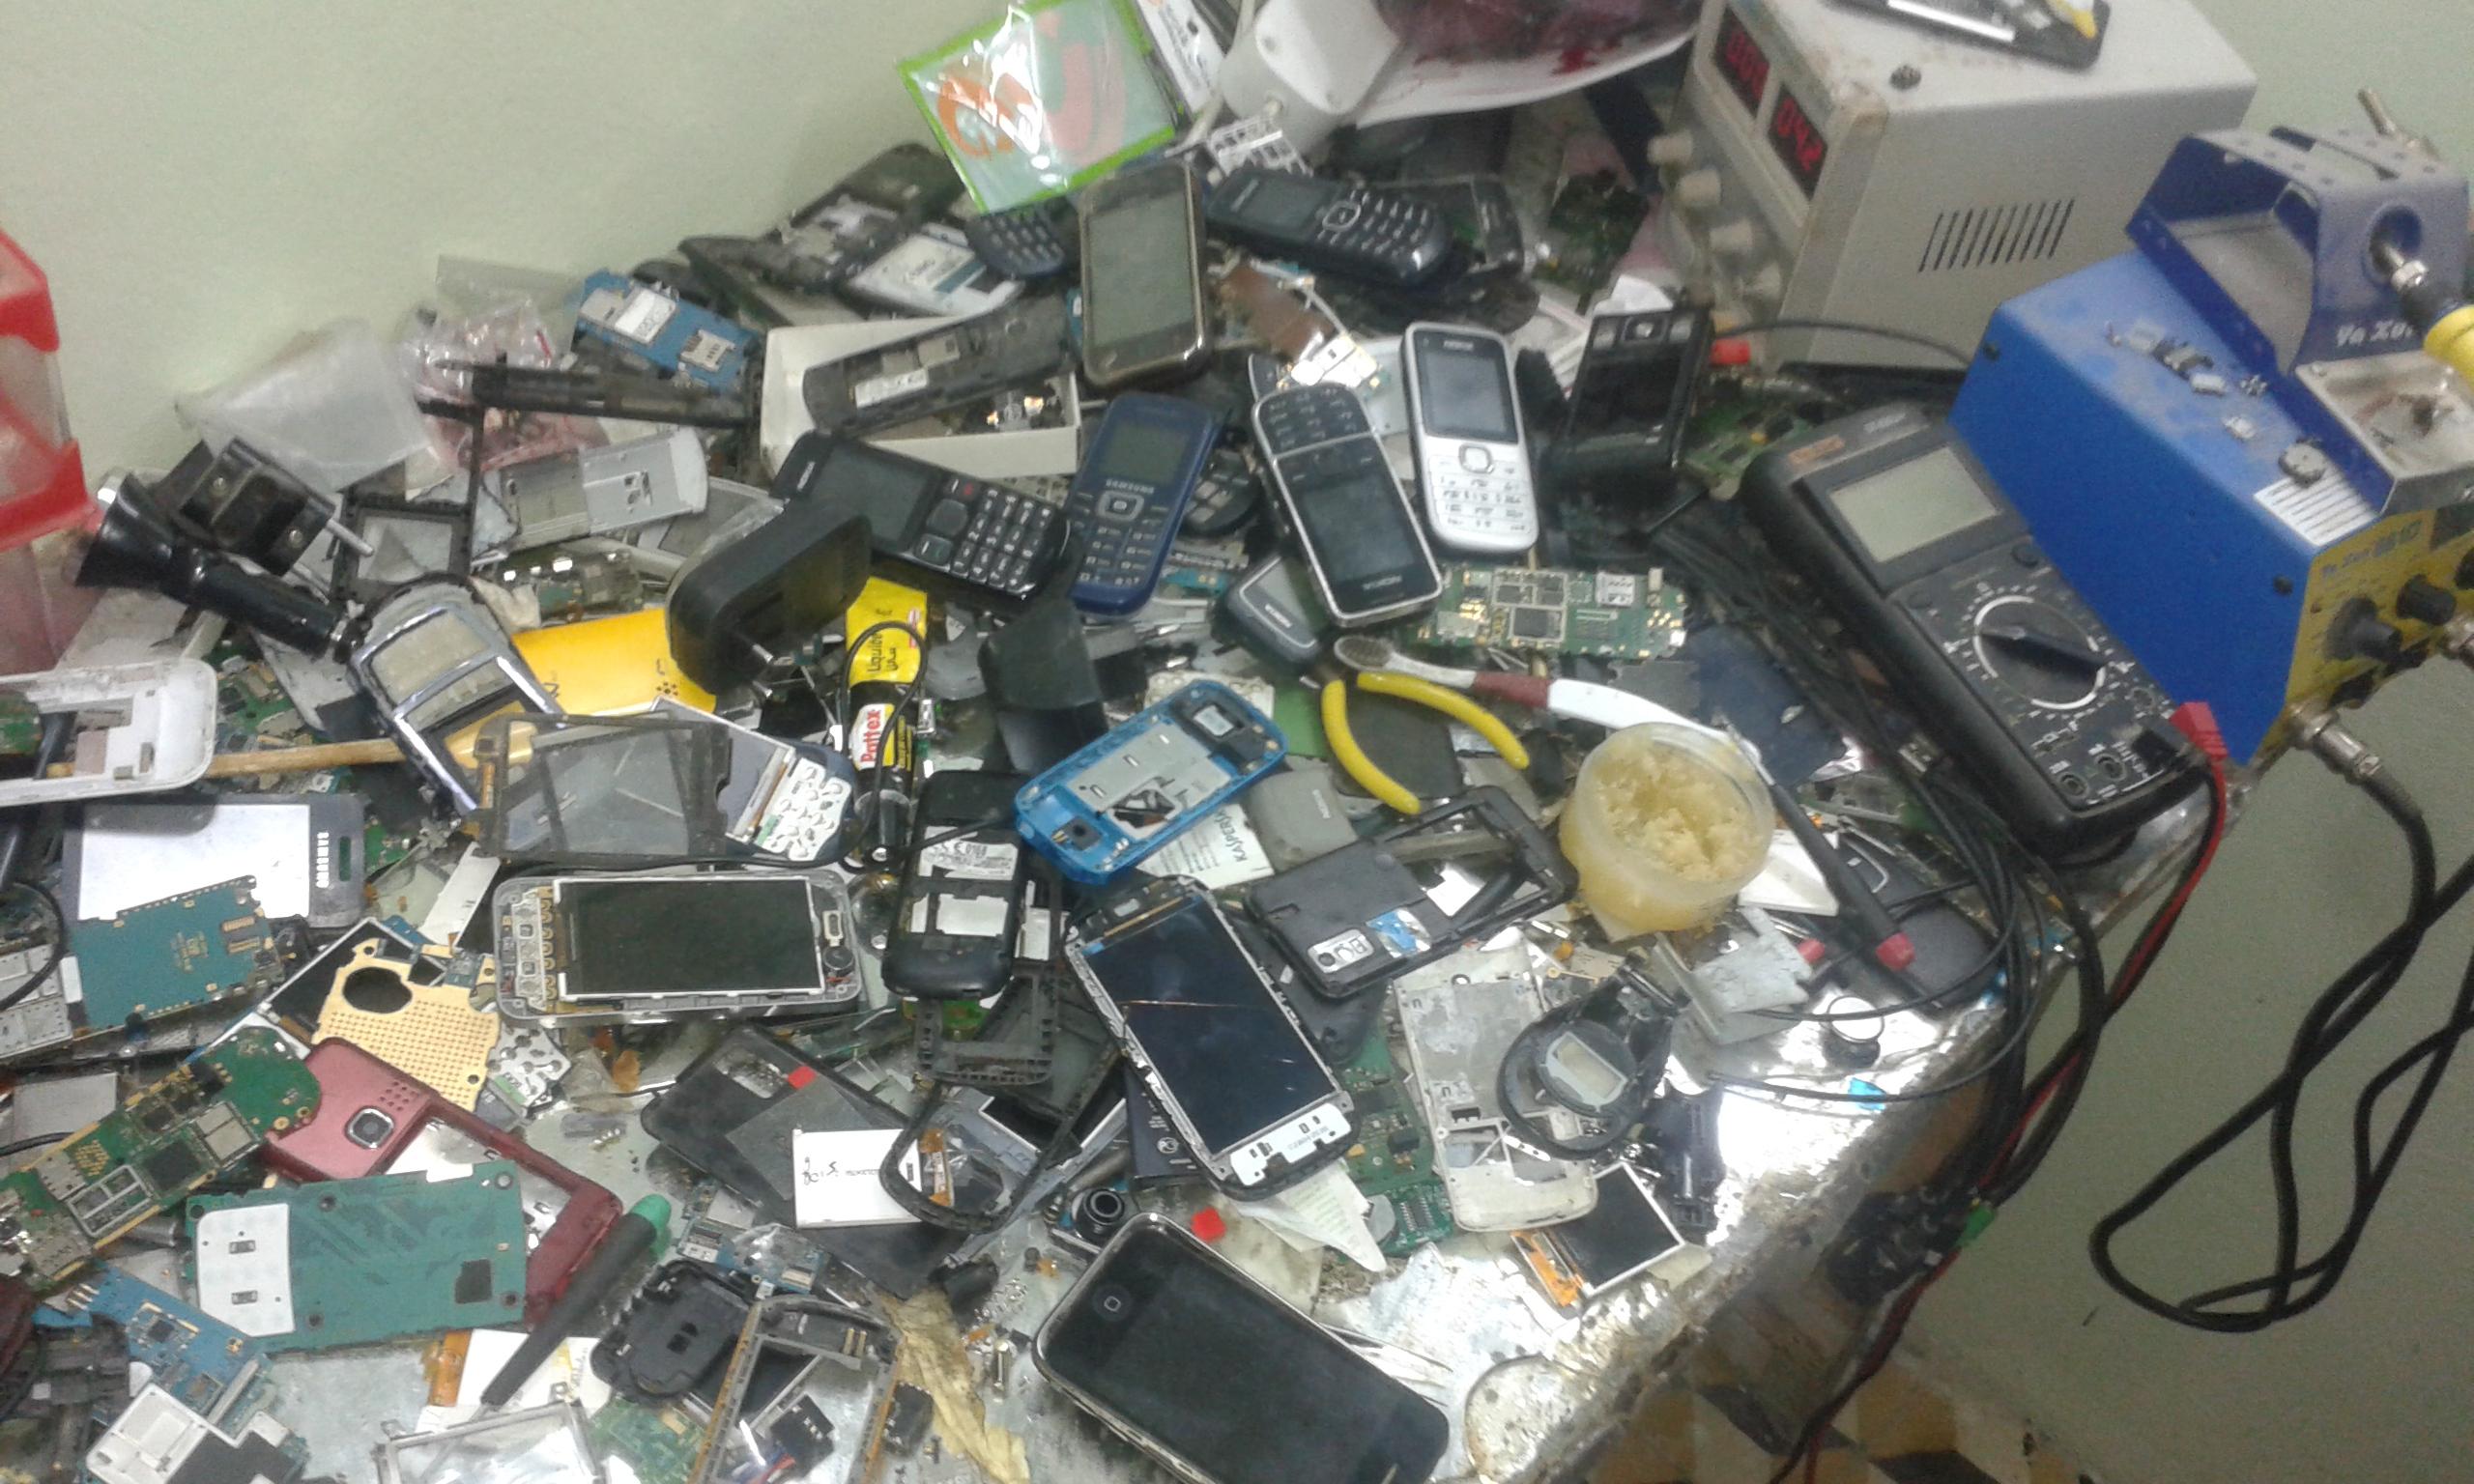 انا ما نقولكم ماهو اول هاتف خدمتو لا اول واحد خسرتو ادخل و انت تعرف